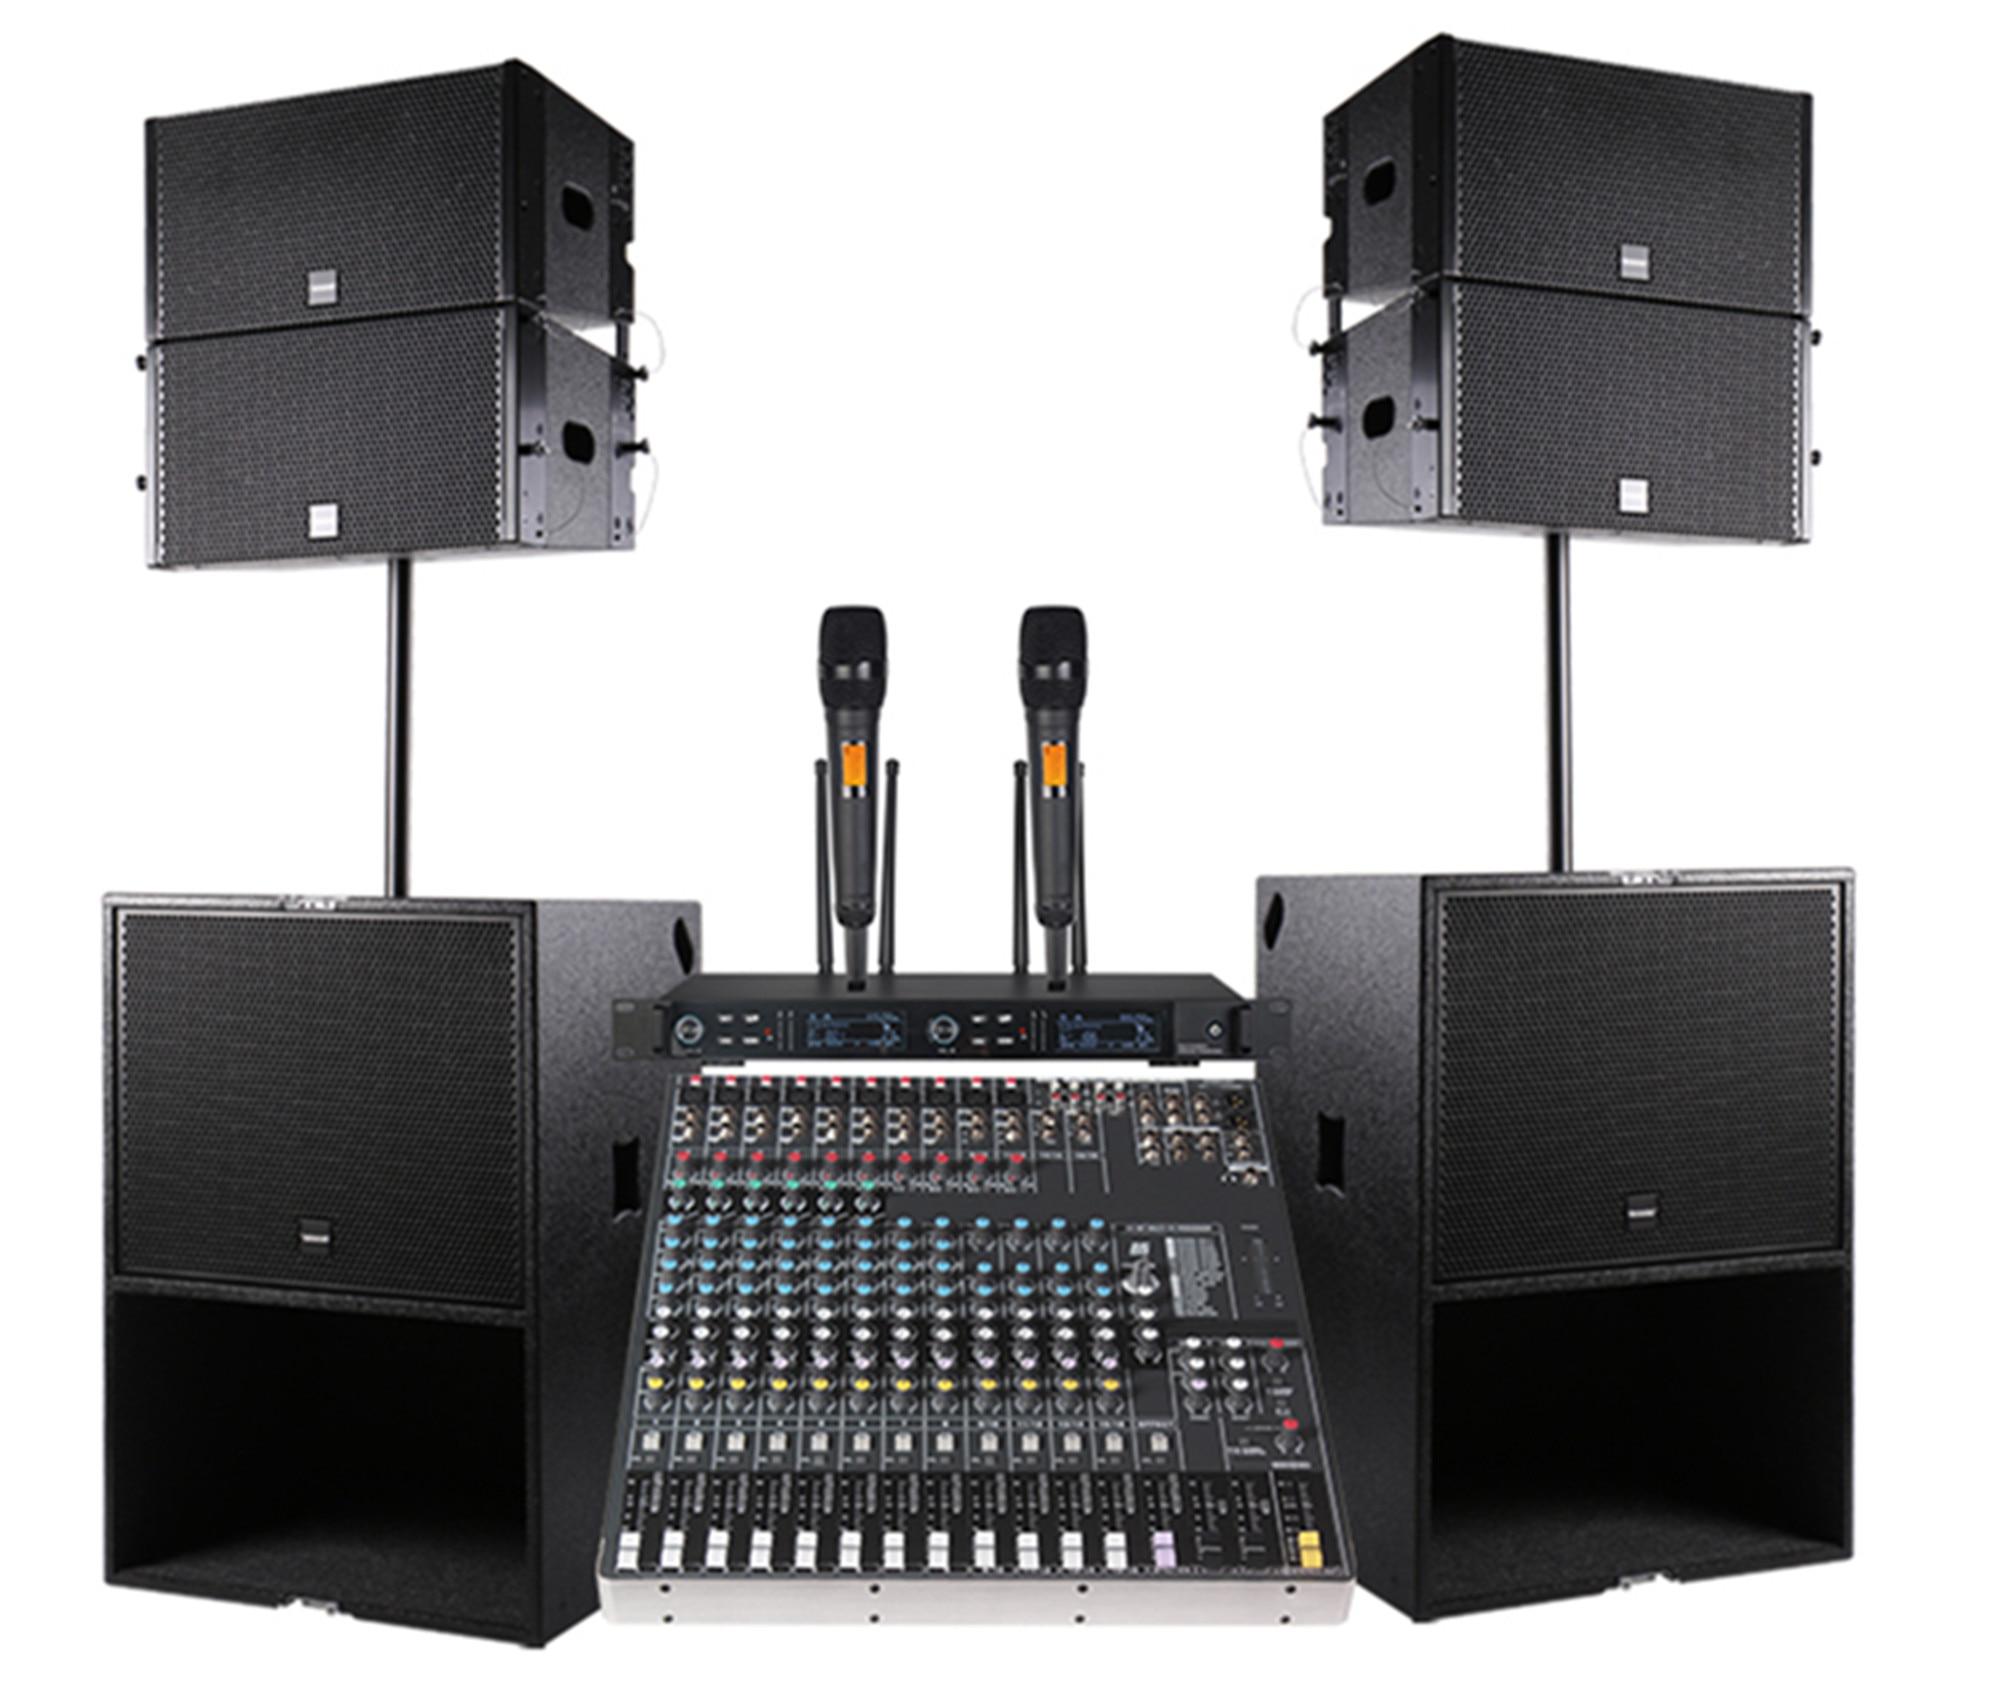 プロオーディオ DJ ラインアレイスピーカー Q1 ステージモニターデジタルコンソールオーディオ DJ ミキサーパワーアンプウーファー 2*10 私は